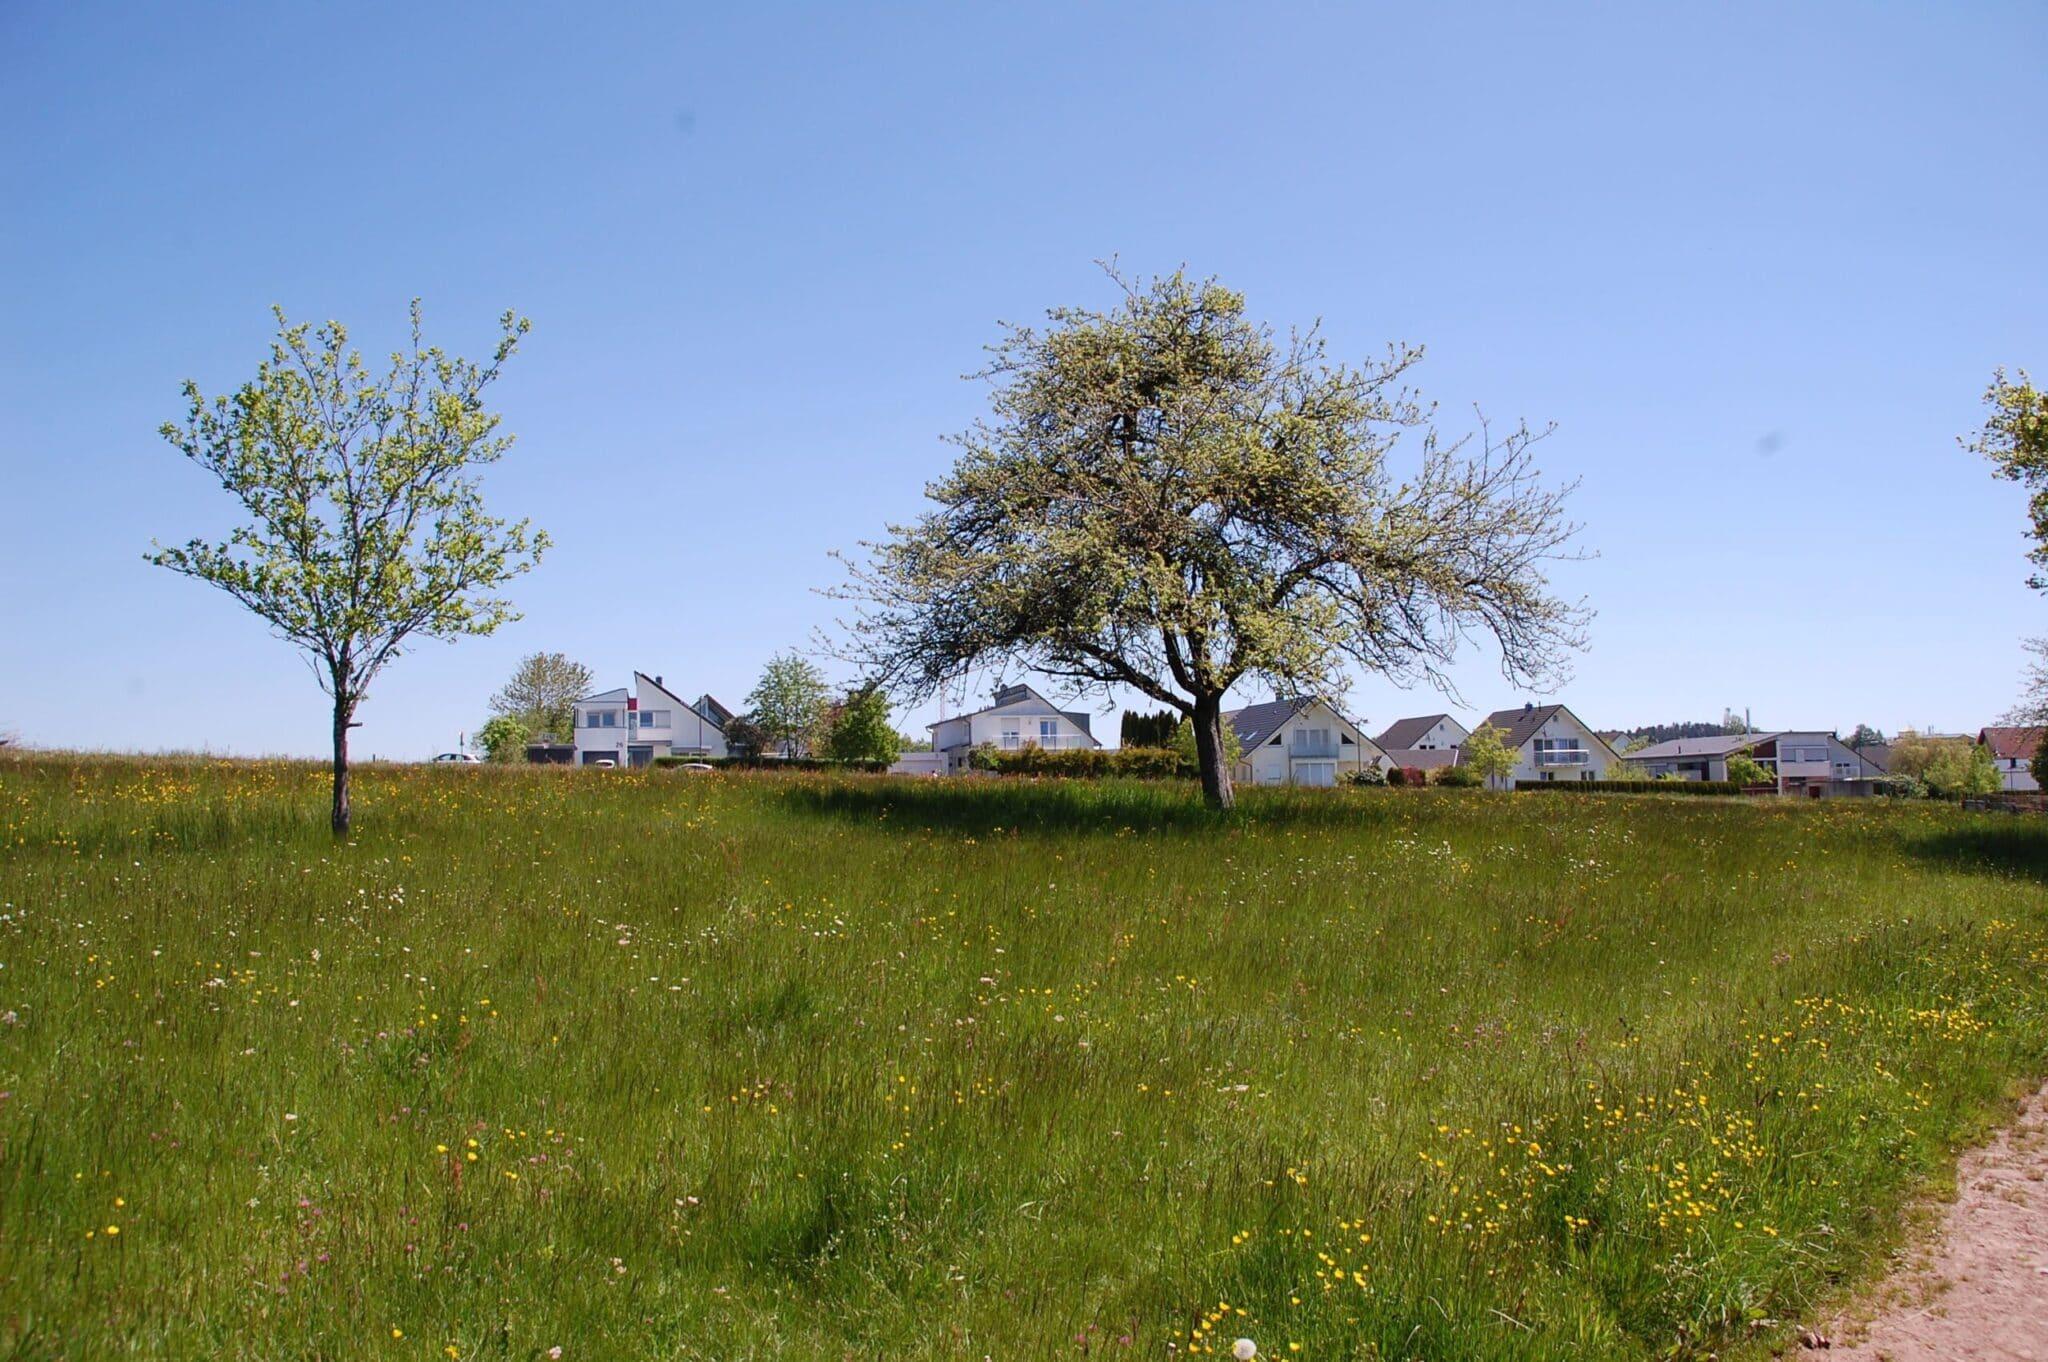 Trotz aller Bemühungen der Verwaltung konnte keine Einigung mit den Eigentümern erzielt werden. Für das Neubaugebiet Haldenhof wird nun ein zweistufiges Regelverfahren vorgeschlagen. Fotos: lm